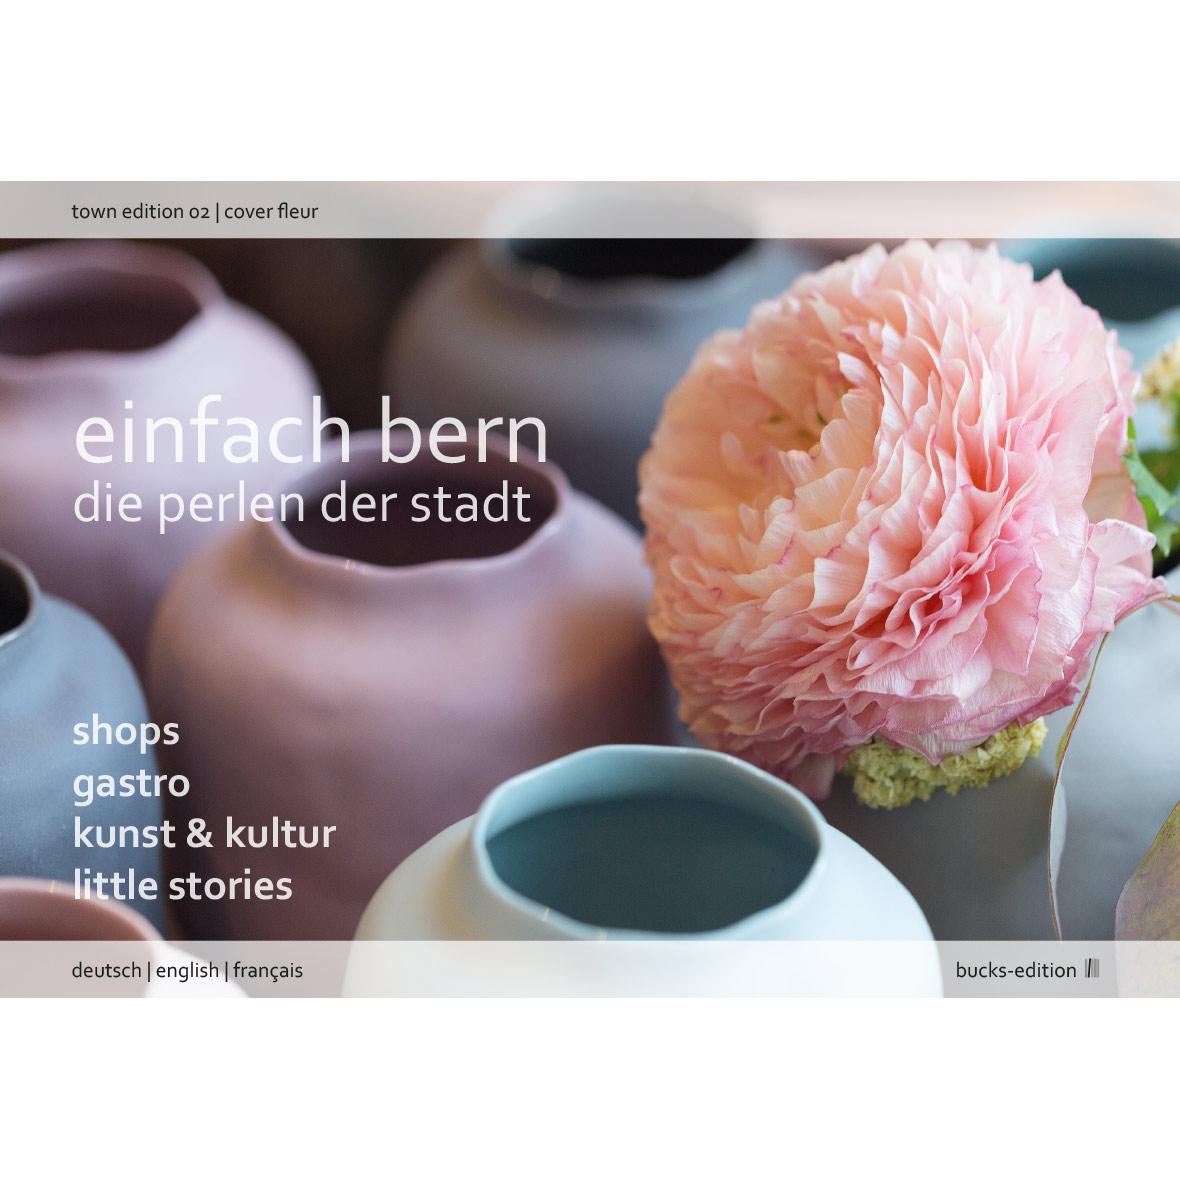 Stadtbuch - Einfach Bern Edition 2 – Die Perlen der Stadt - Cover Blumen